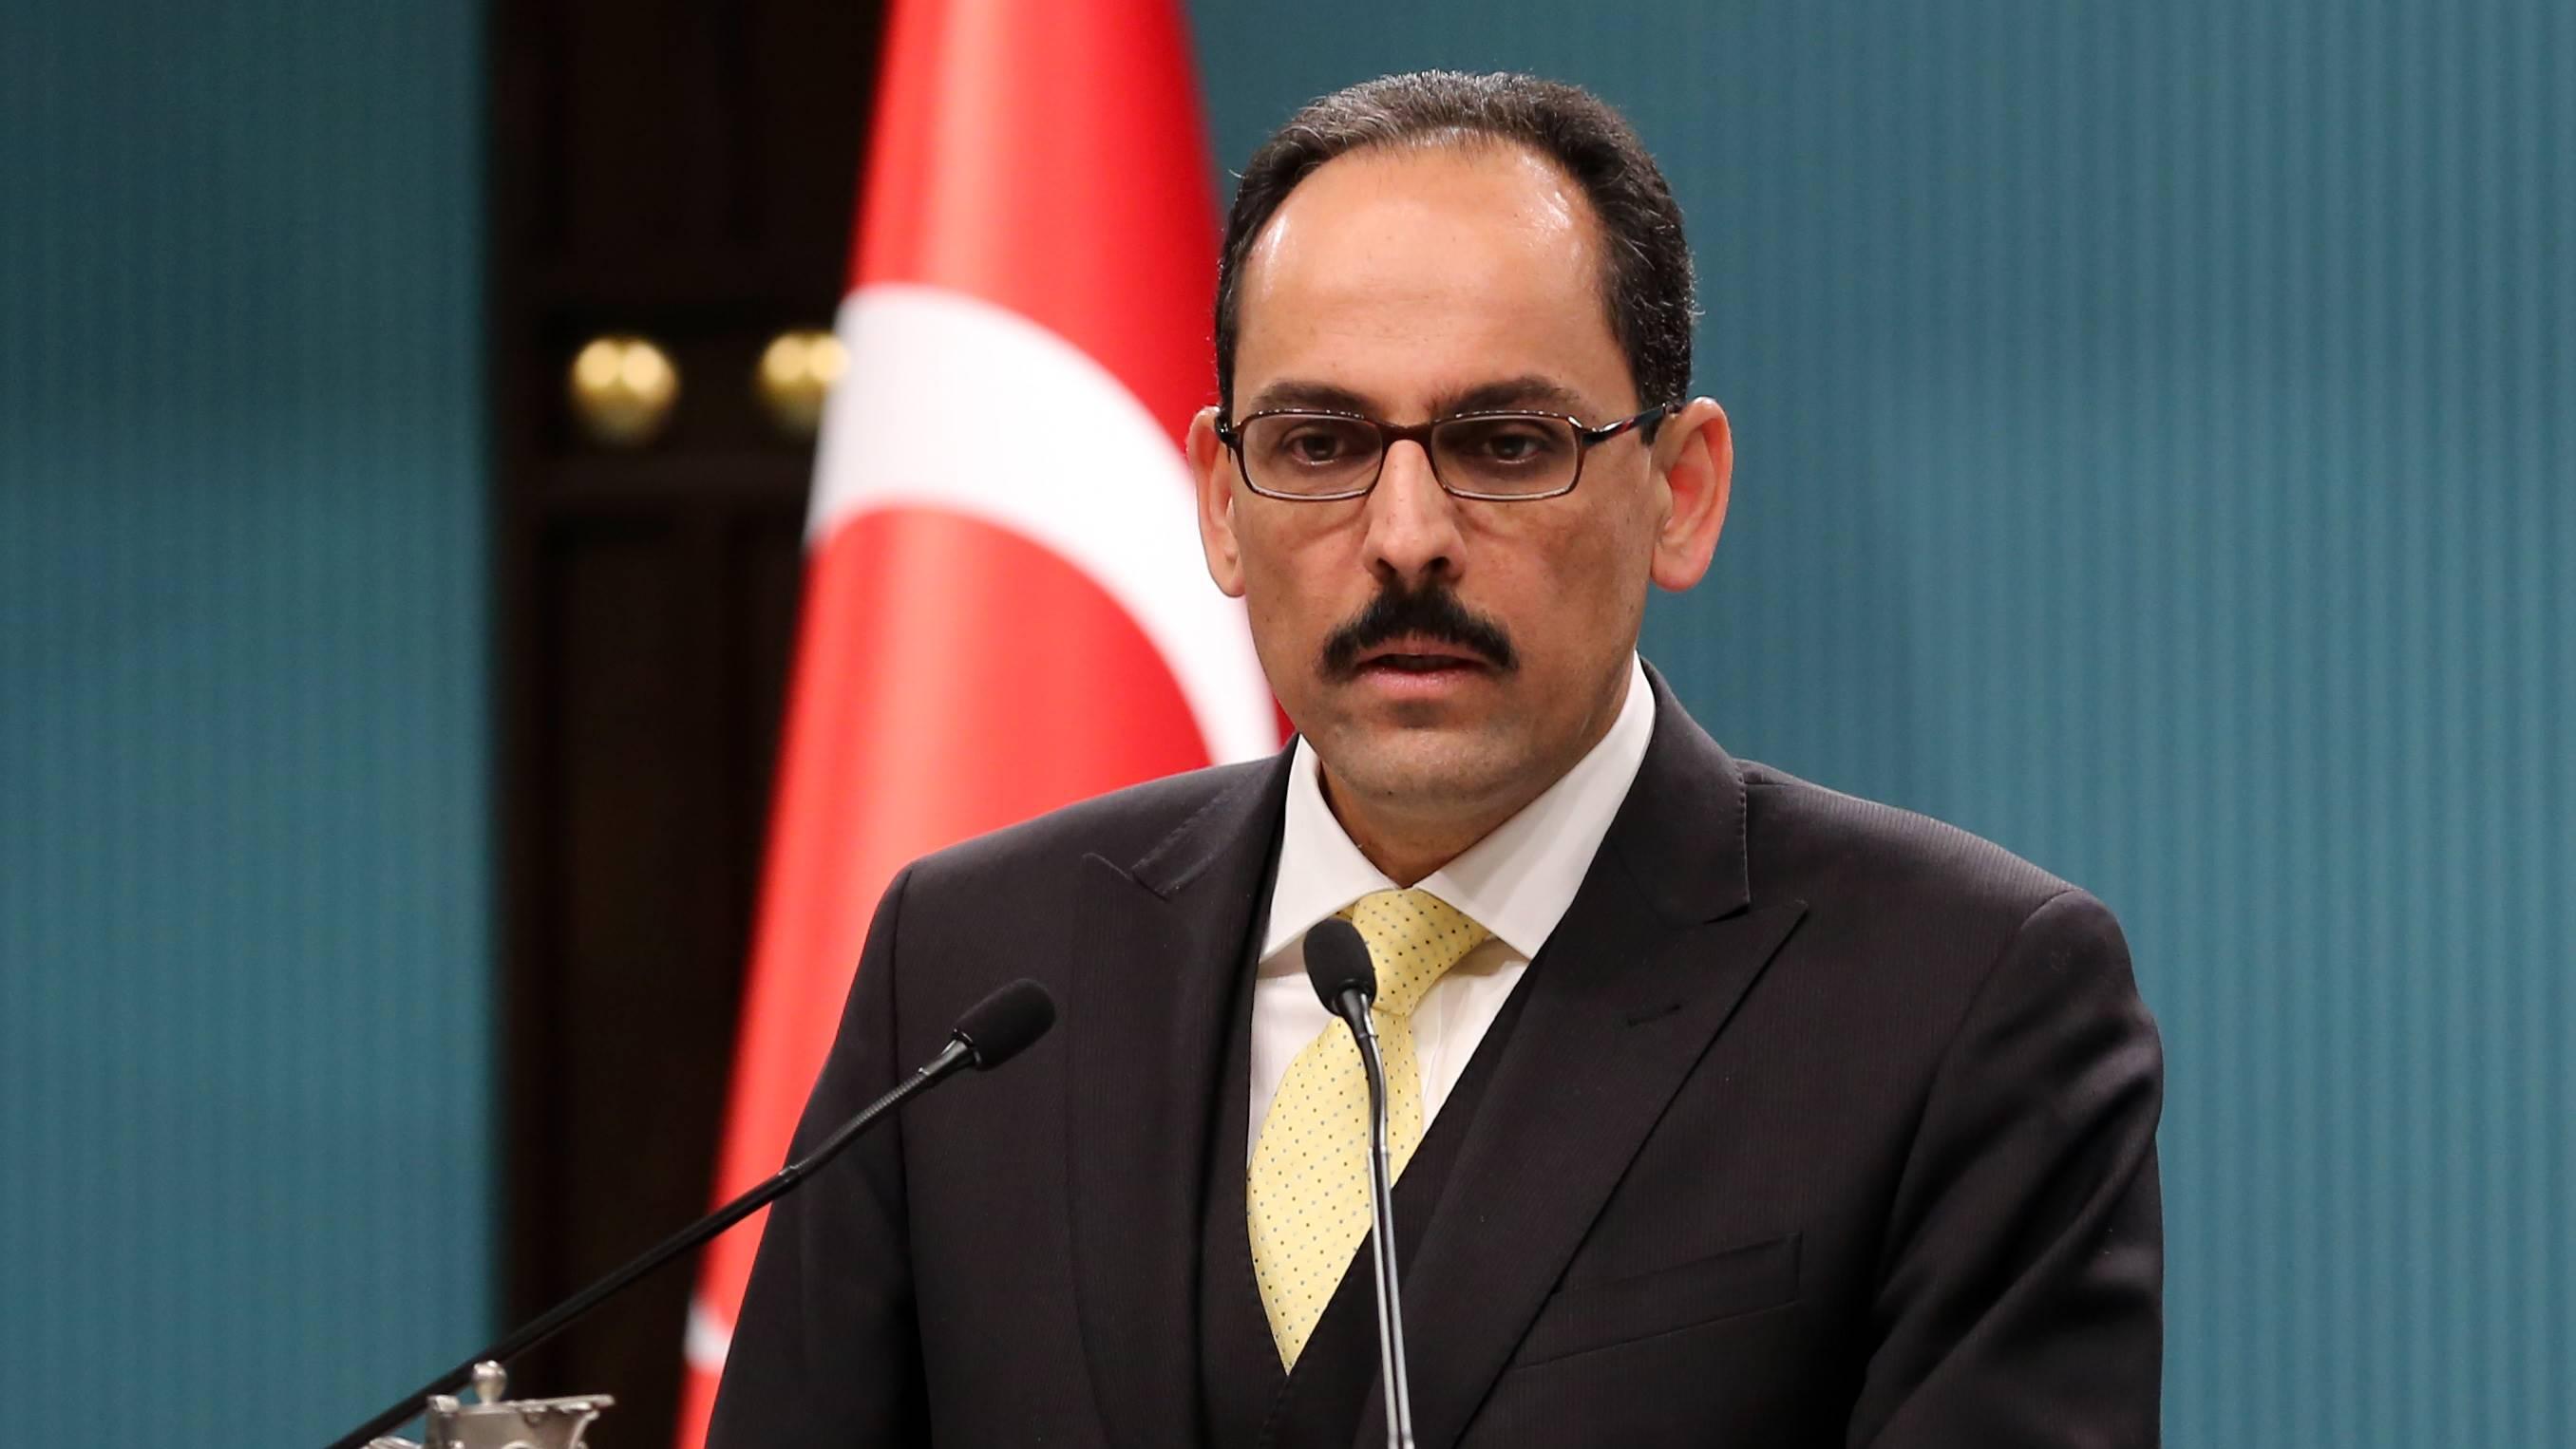 SON DAKİKA|AK Parti Sözcüsü Çelikten Avusturya Başbakanına tepki: Avrupada İslam düşmanlığının sembolüdür